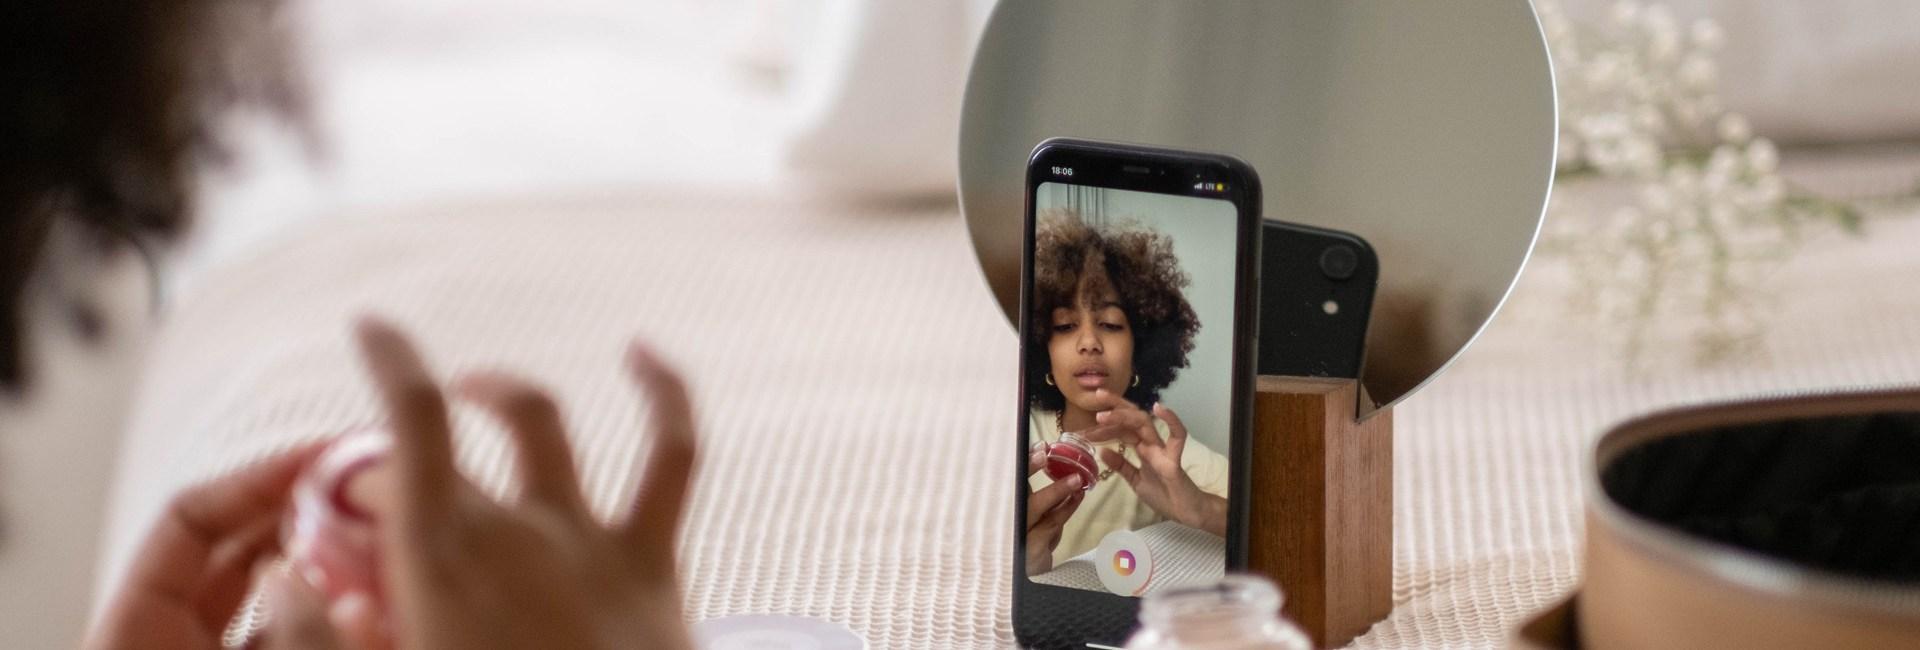 Une jeune femme qui se maquille tout en se filmant avec son téléphone